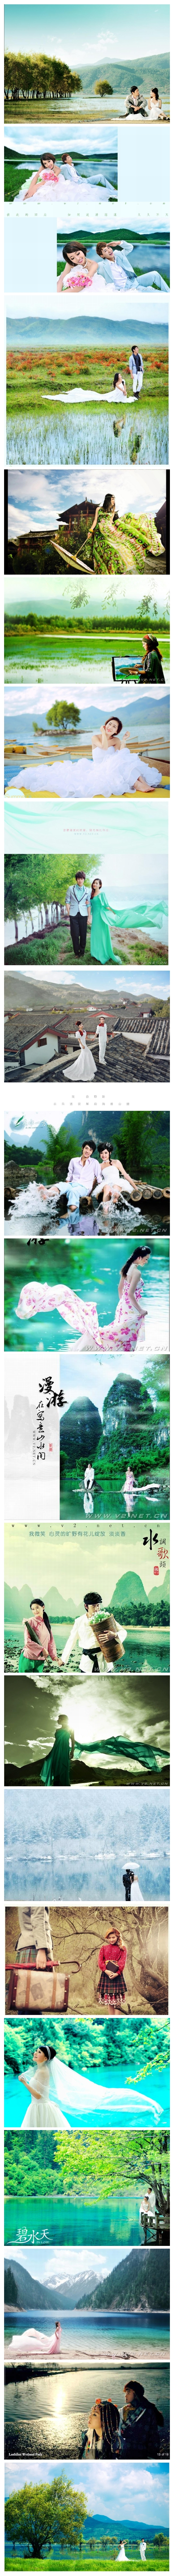 Spring_2012